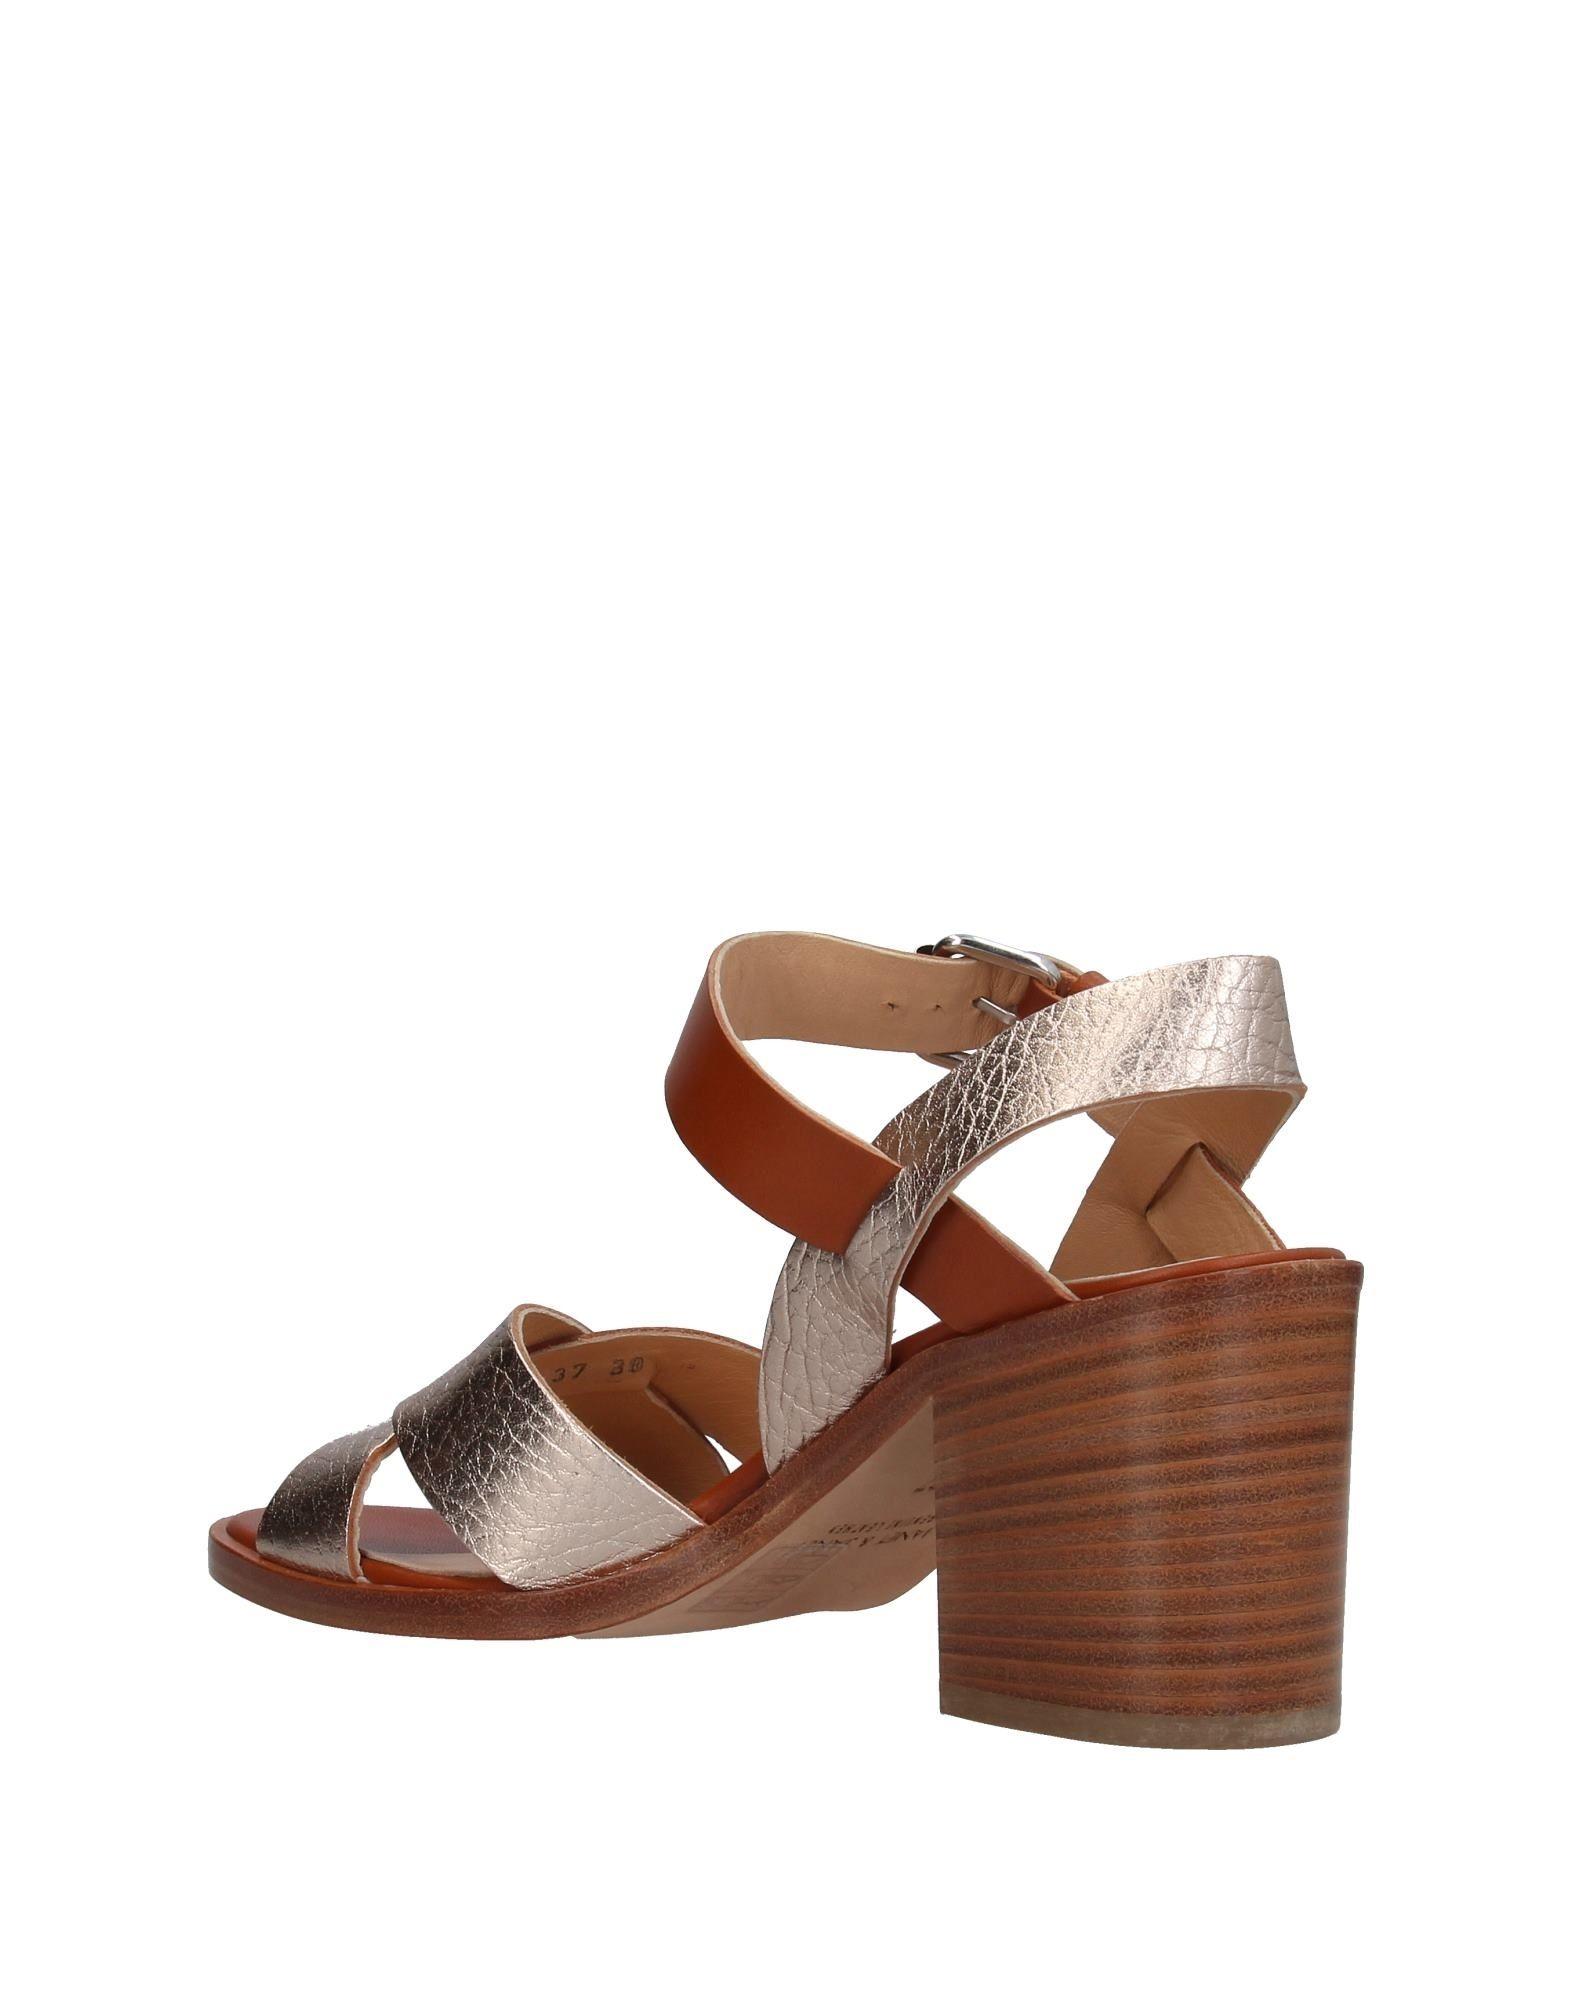 Janet & 11398849AX Janet Sandalen Damen  11398849AX & Gute Qualität beliebte Schuhe 86db9b